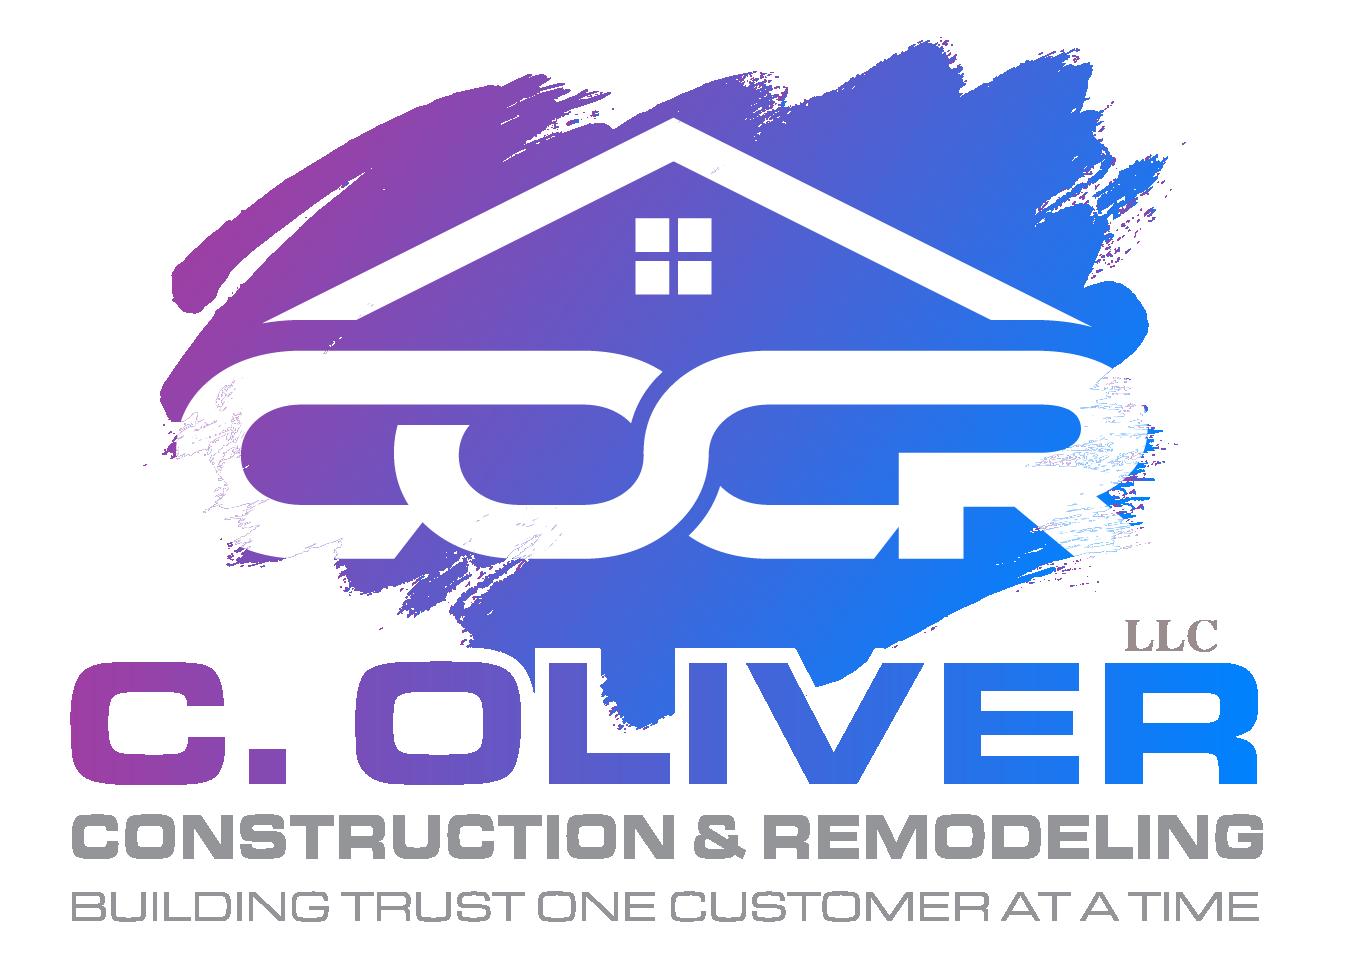 c-oliver-construction-remodeling-llc-01-2-.png